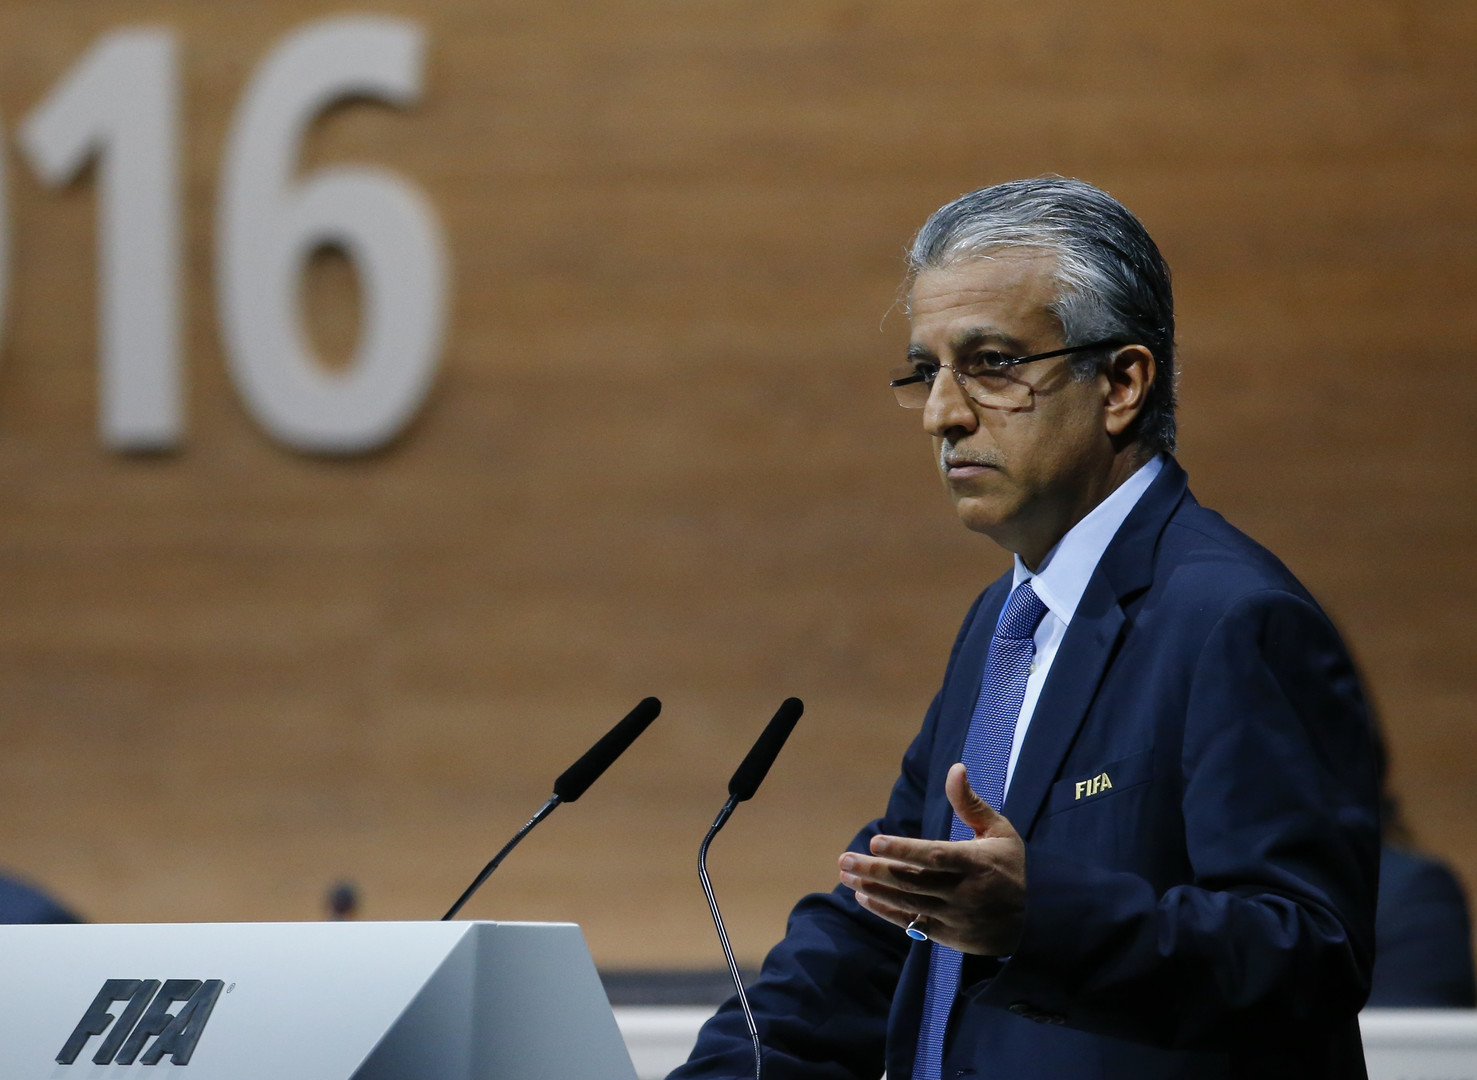 السويسري جياني إنفانتينو يفوز برئاسة الاتحاد الدولي لكرة القدم (فيفا)